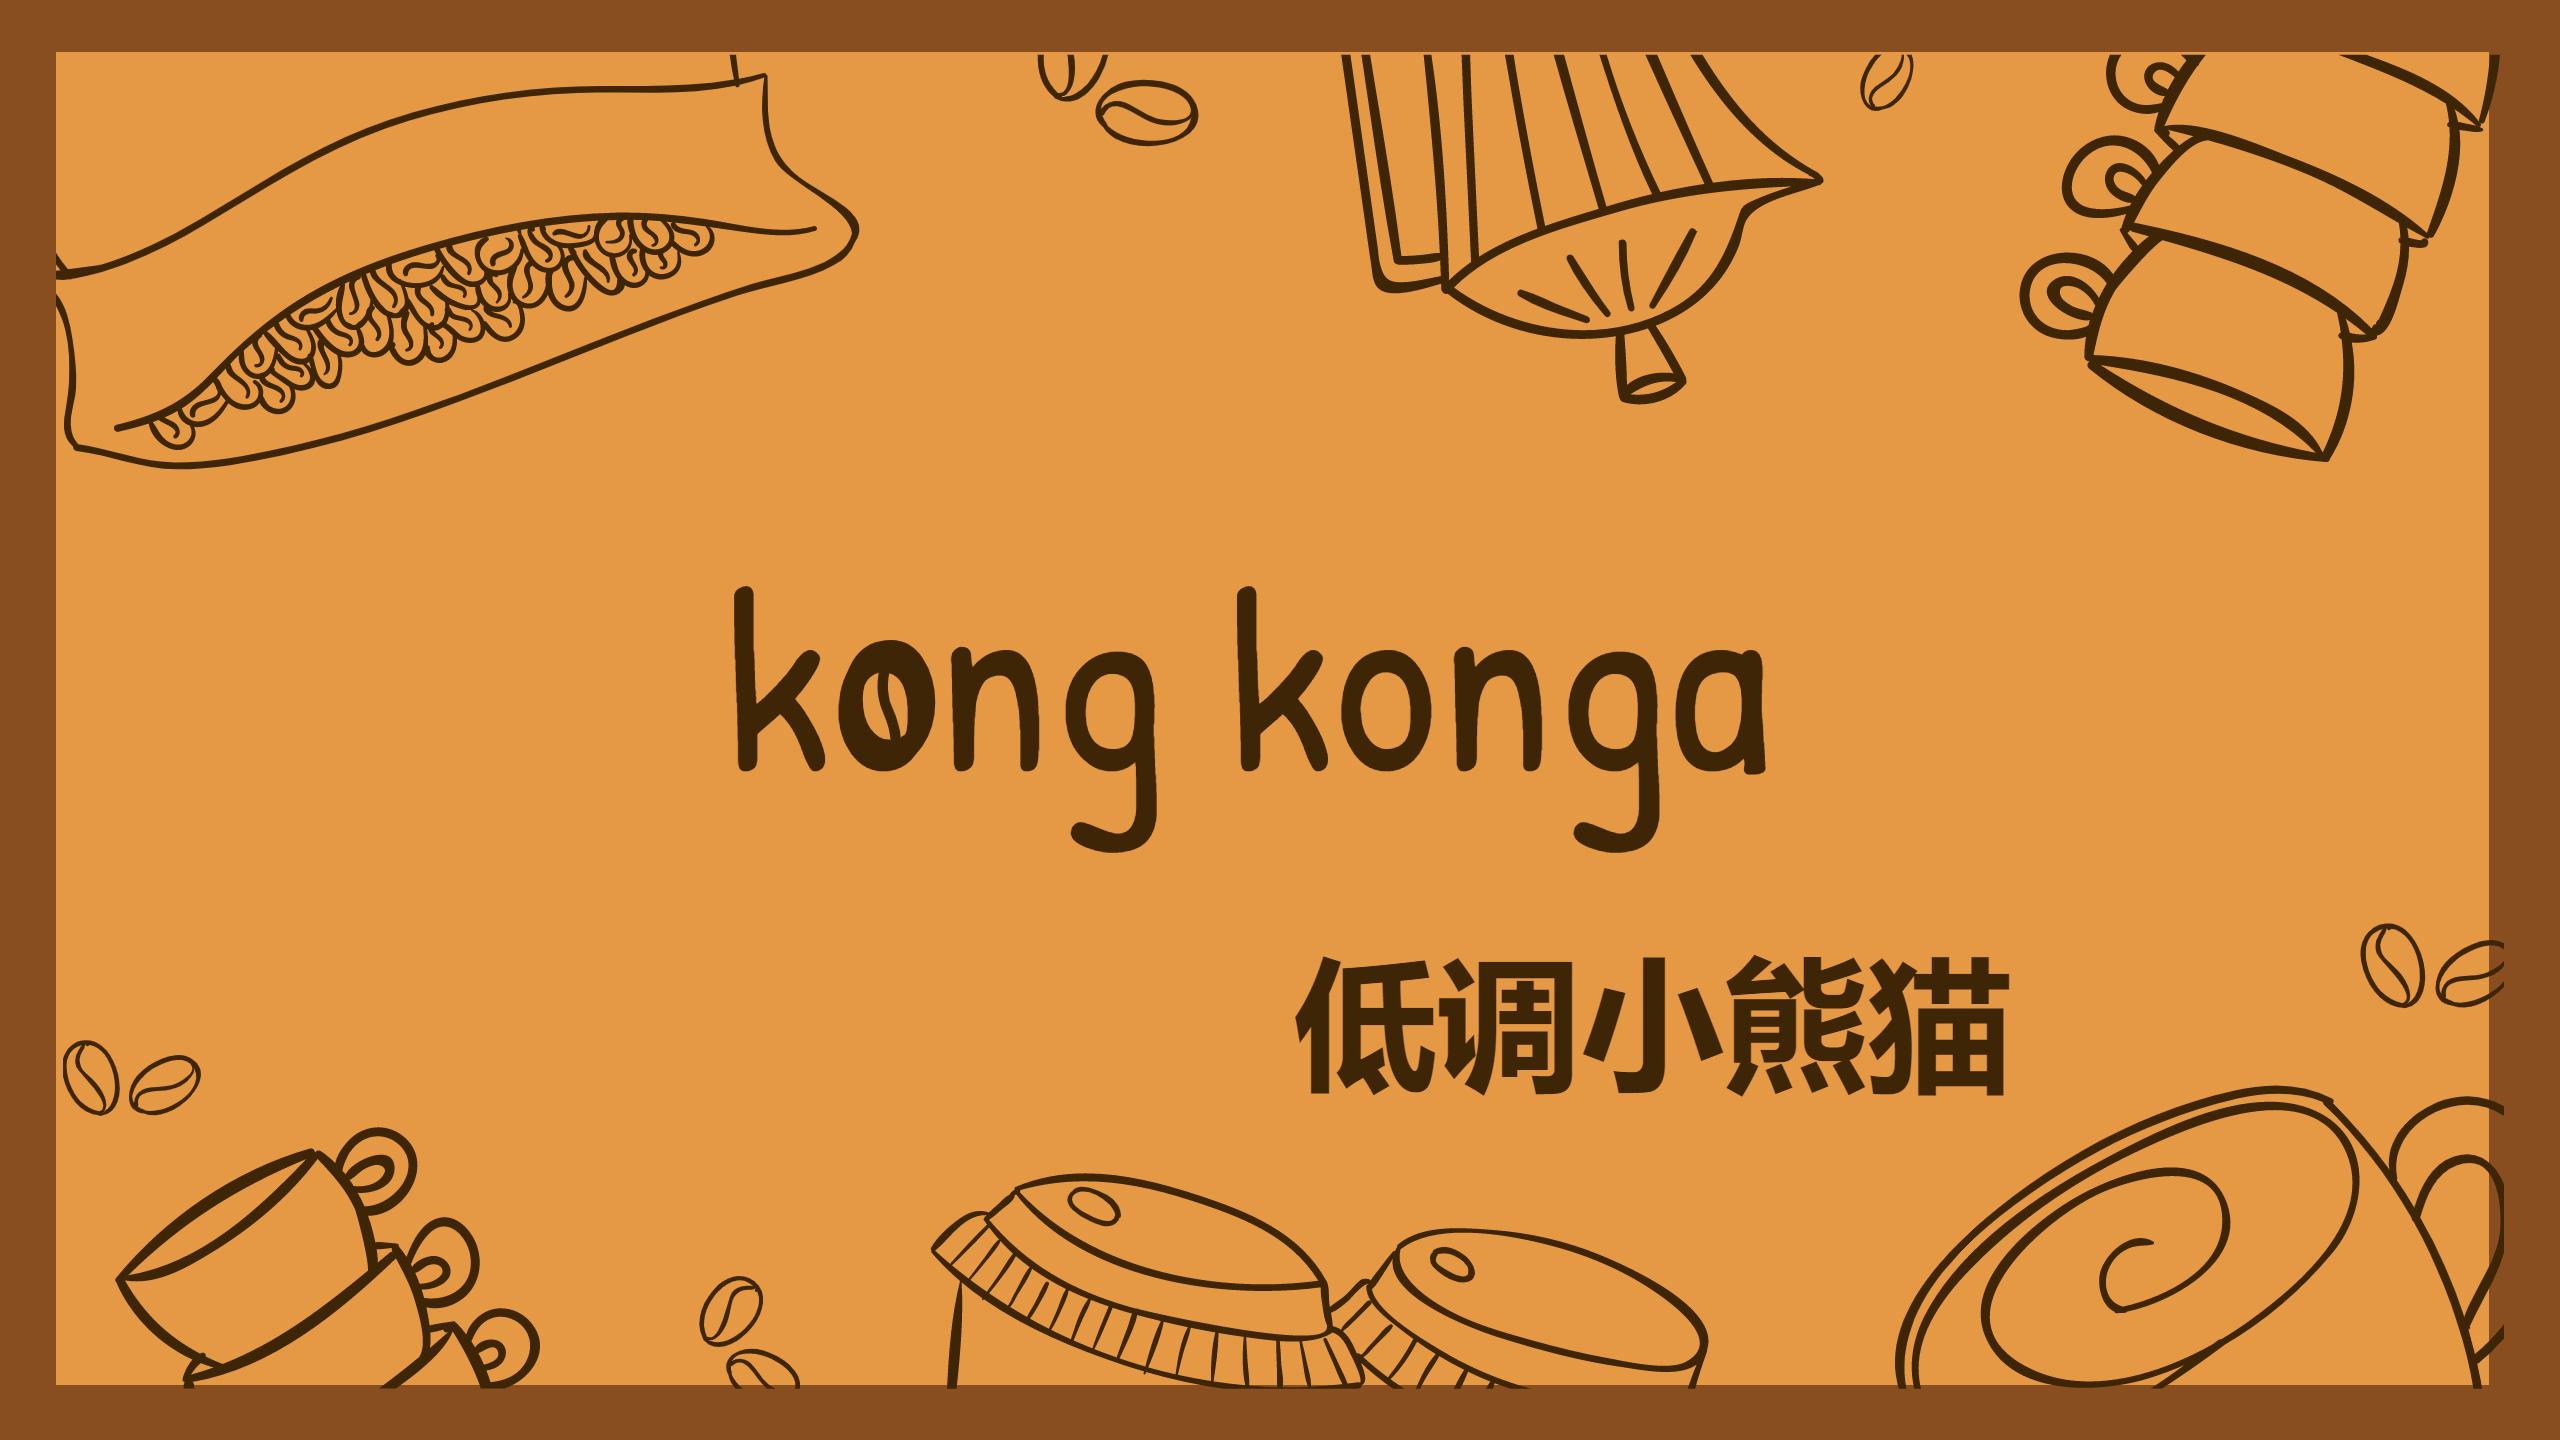 云原生微服务网关Kong和可视化工具Konga安装配置